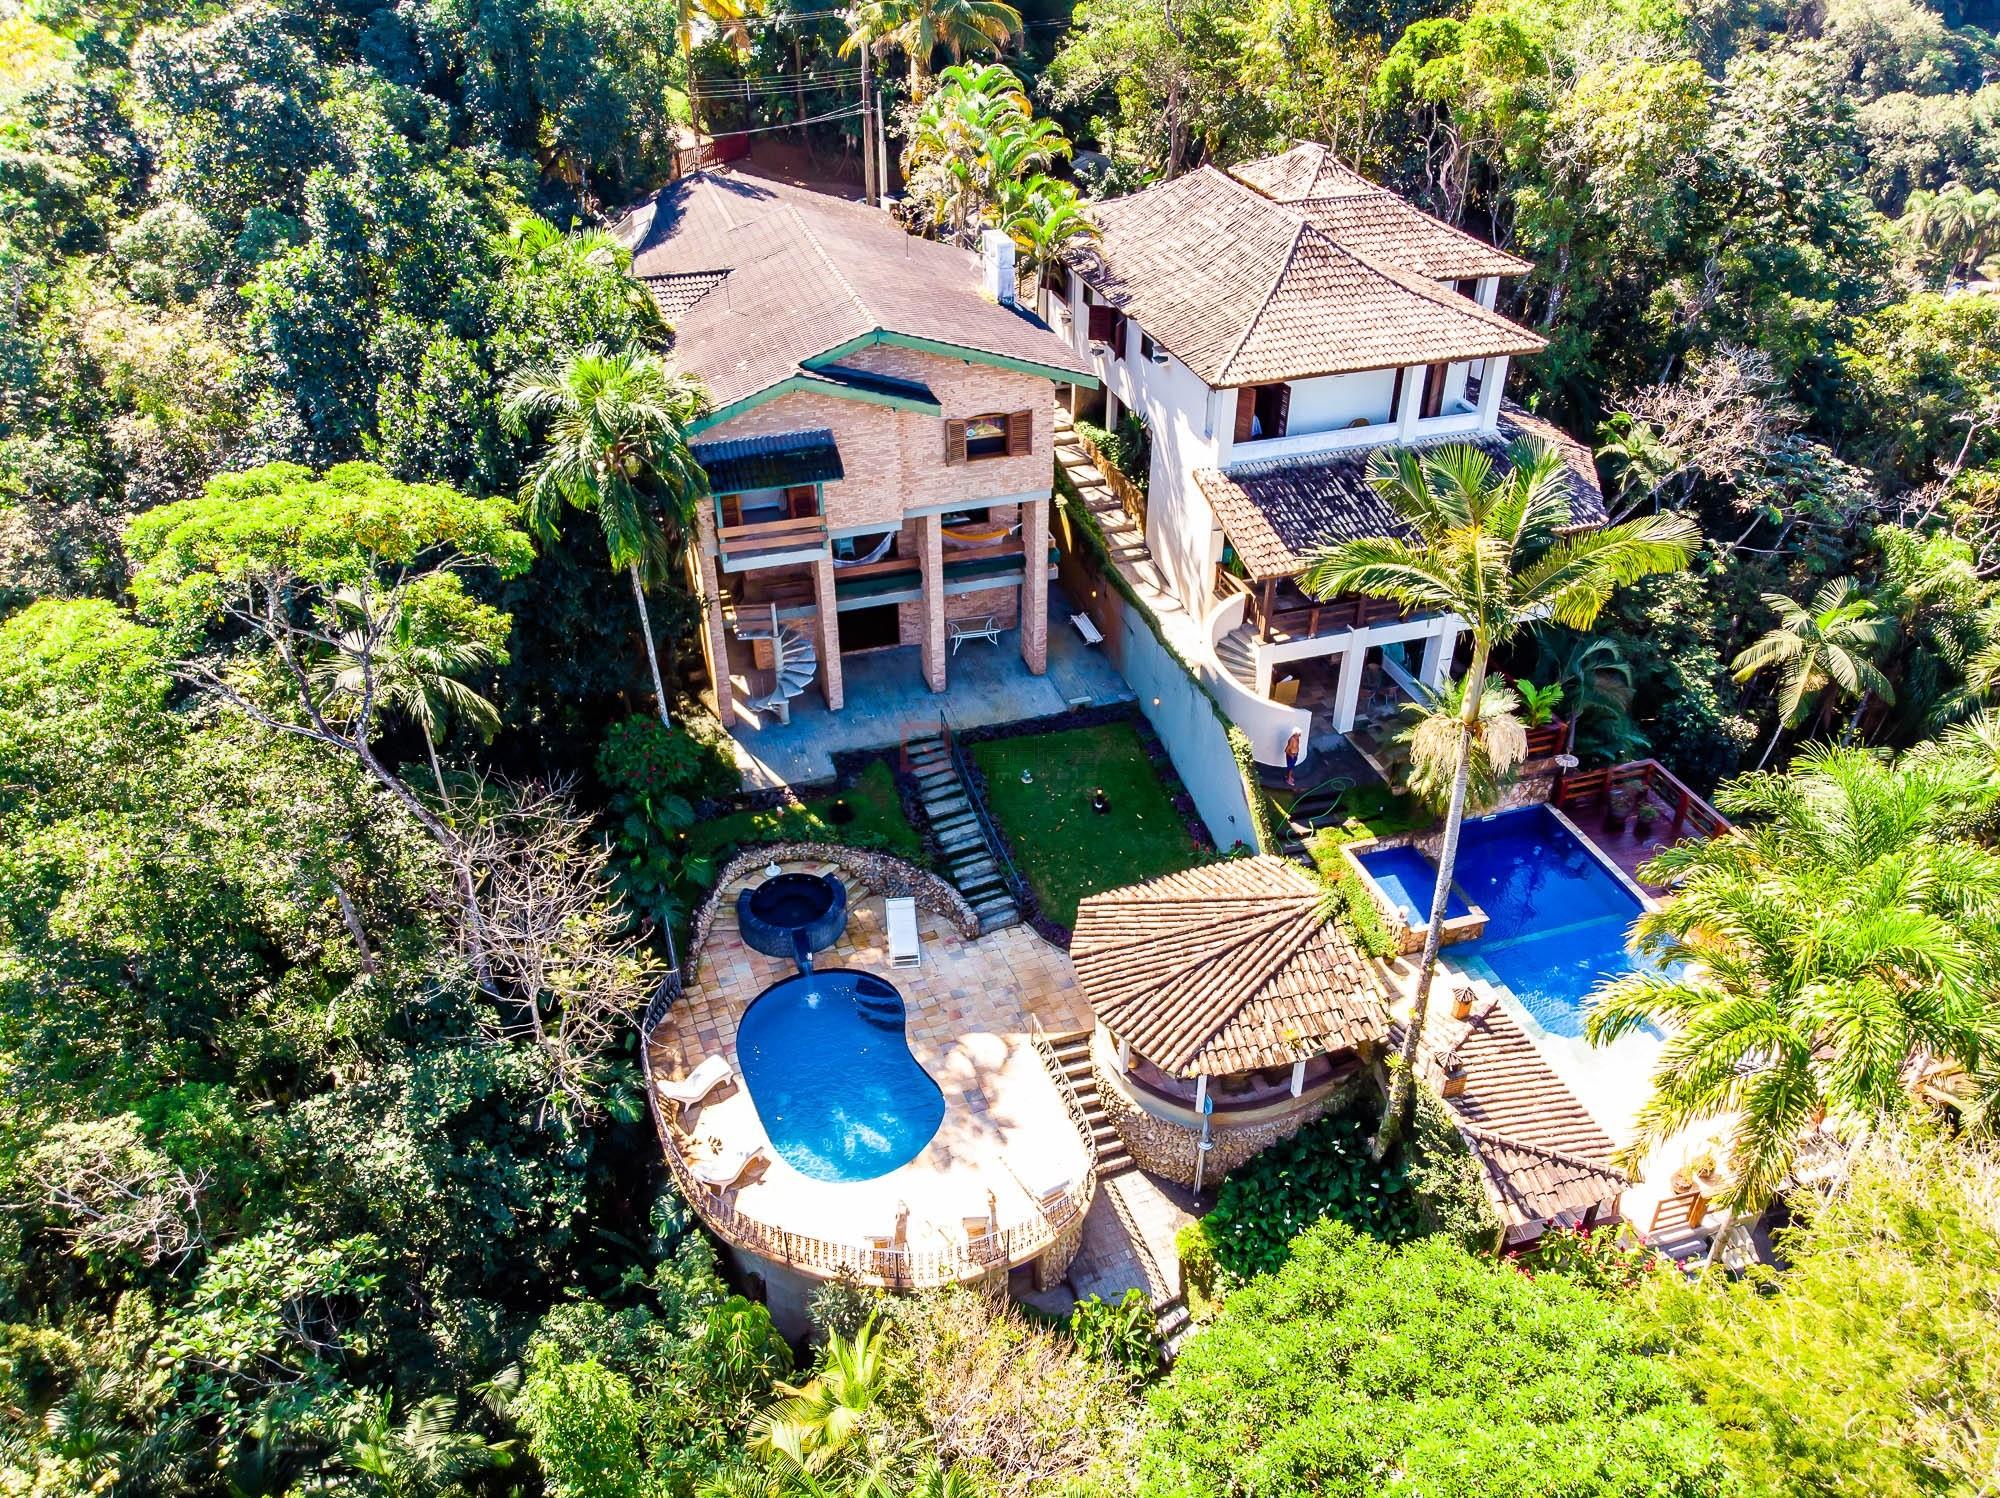 Casa com 4 dormitórios à venda em Ubatuba, no bairro Domingas Dias